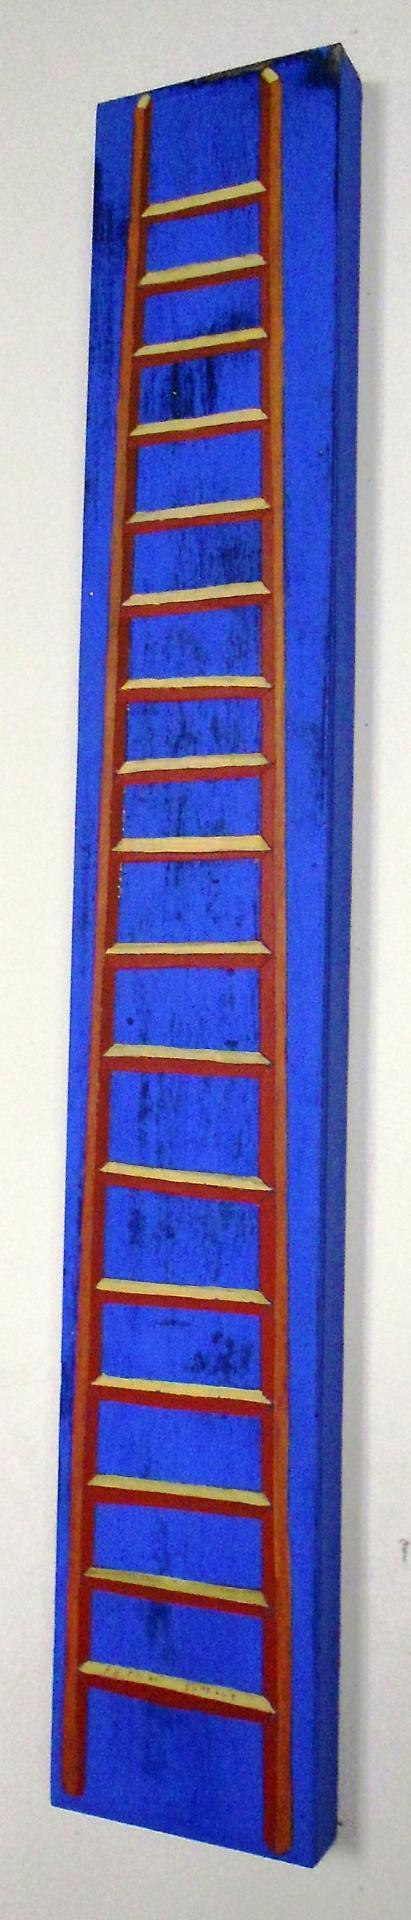 Petite échelle bleue